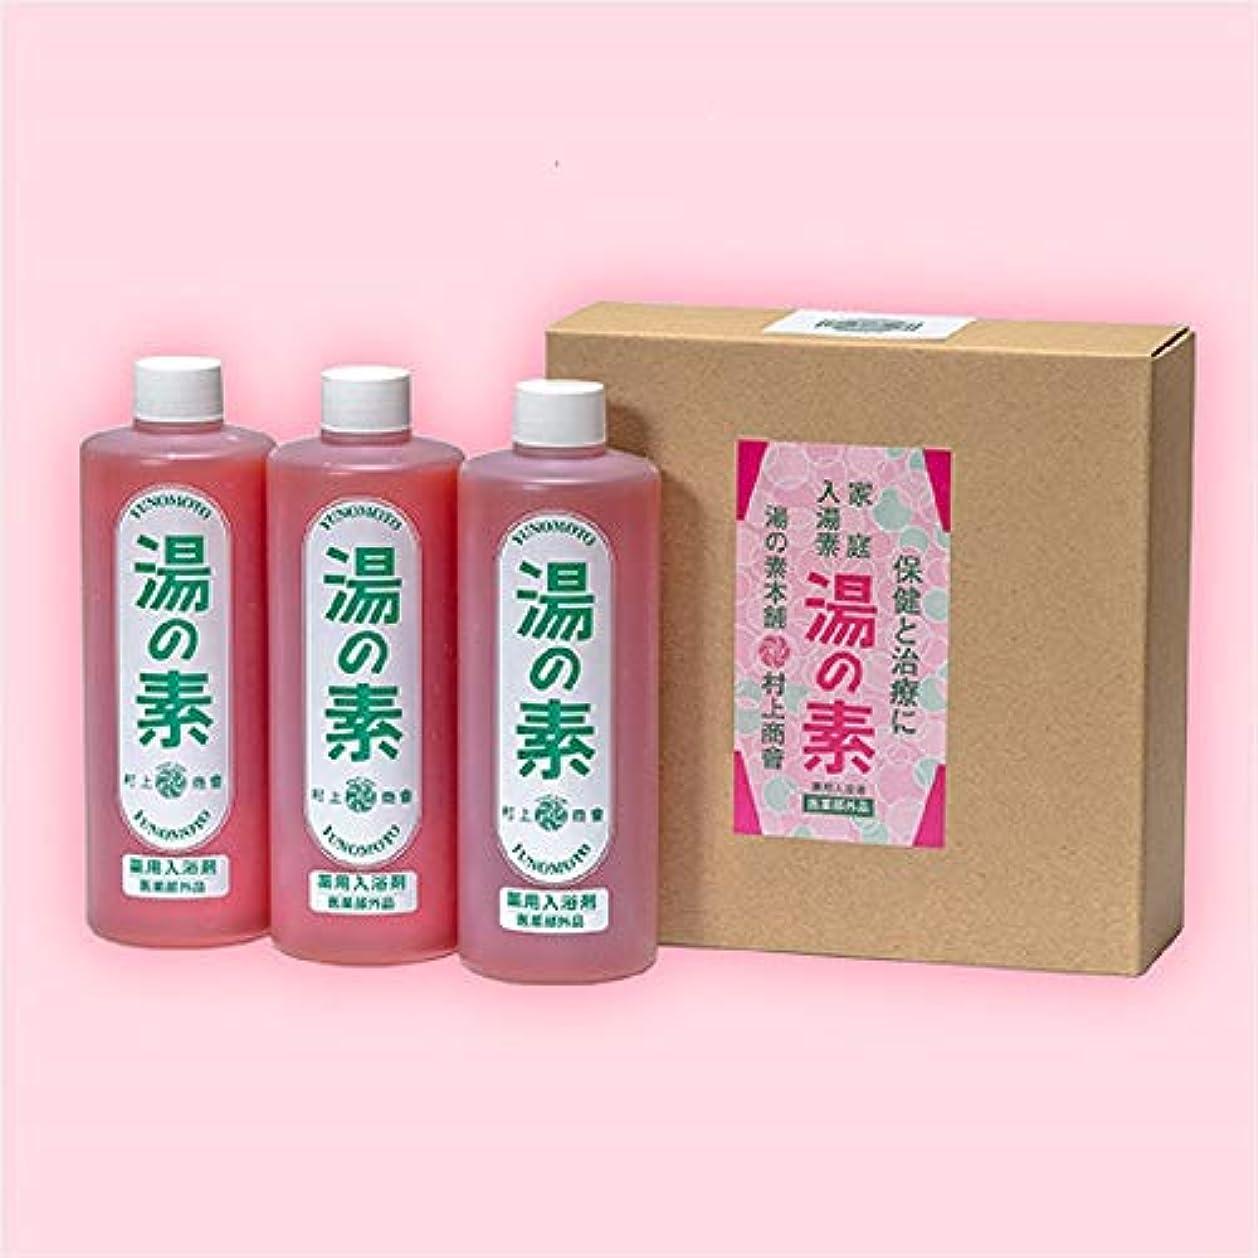 薬ライド法王薬用入浴剤 湯の素 [医薬部外品] 490g(約50回分) 3本セット